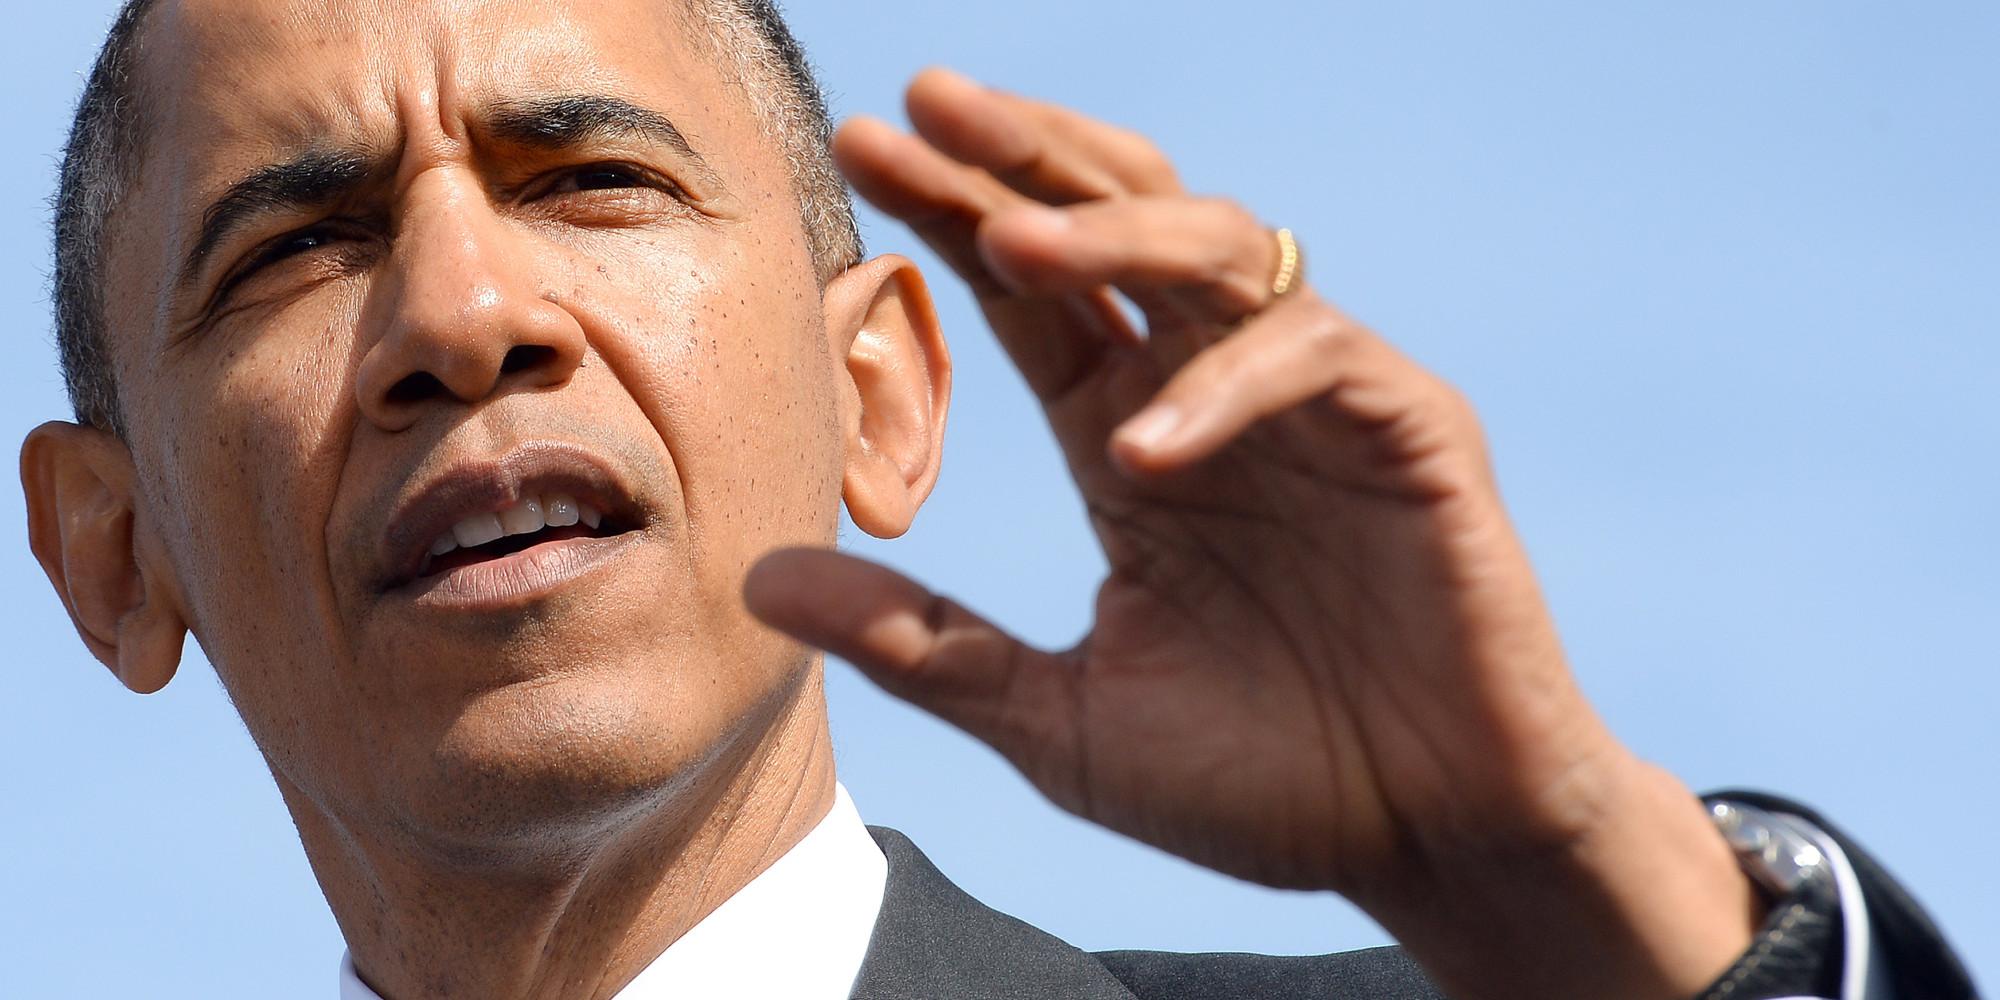 Barack Obama au coeur d'un scandale sexuel? - REFLEXION